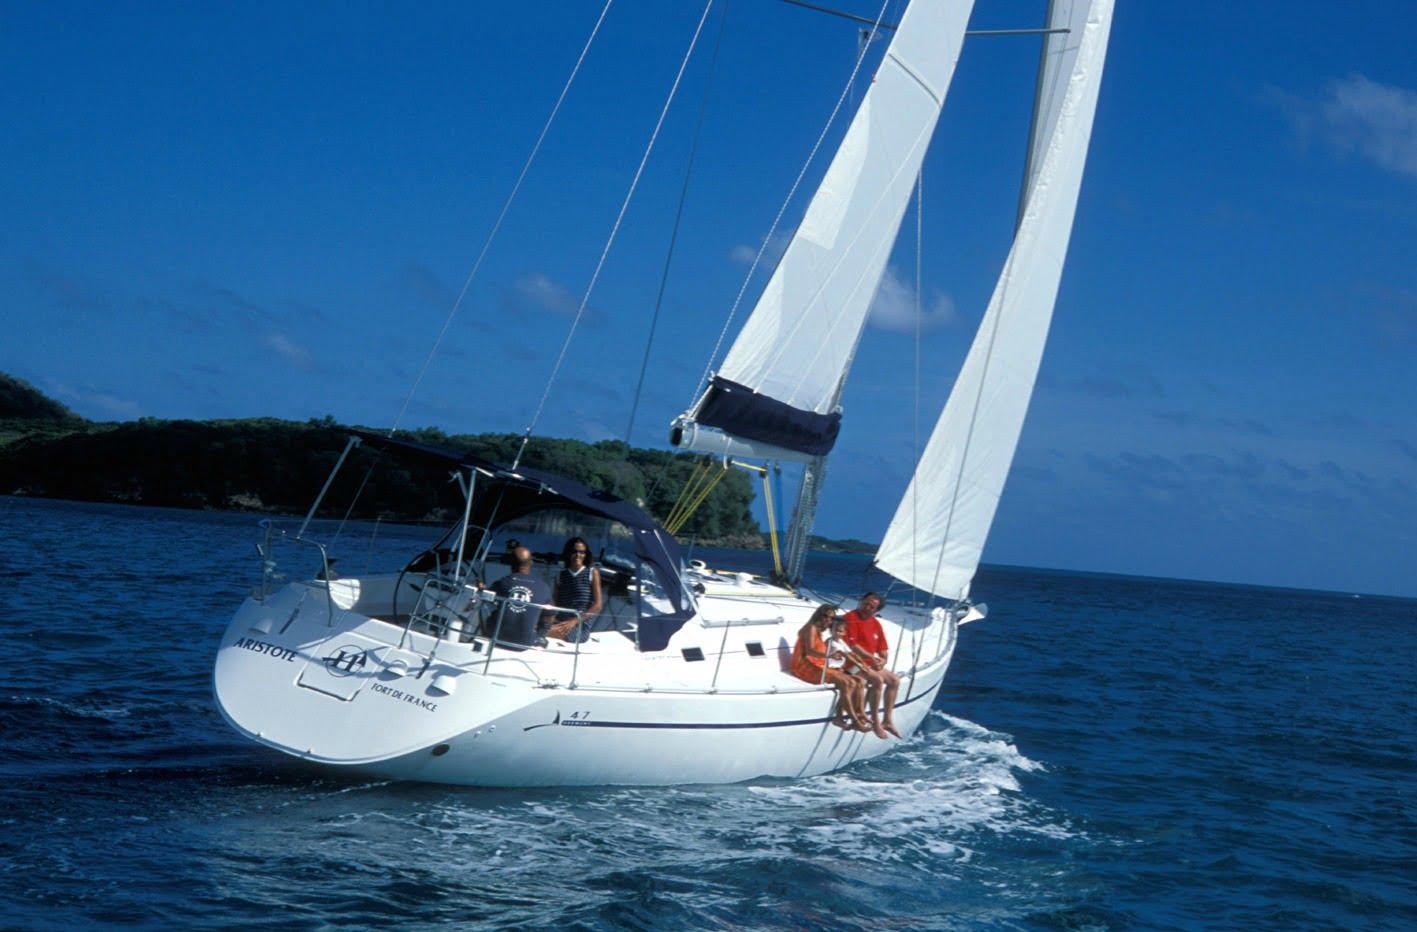 Πώς κάναμε τον παράδεισο του yachting, κόλαση